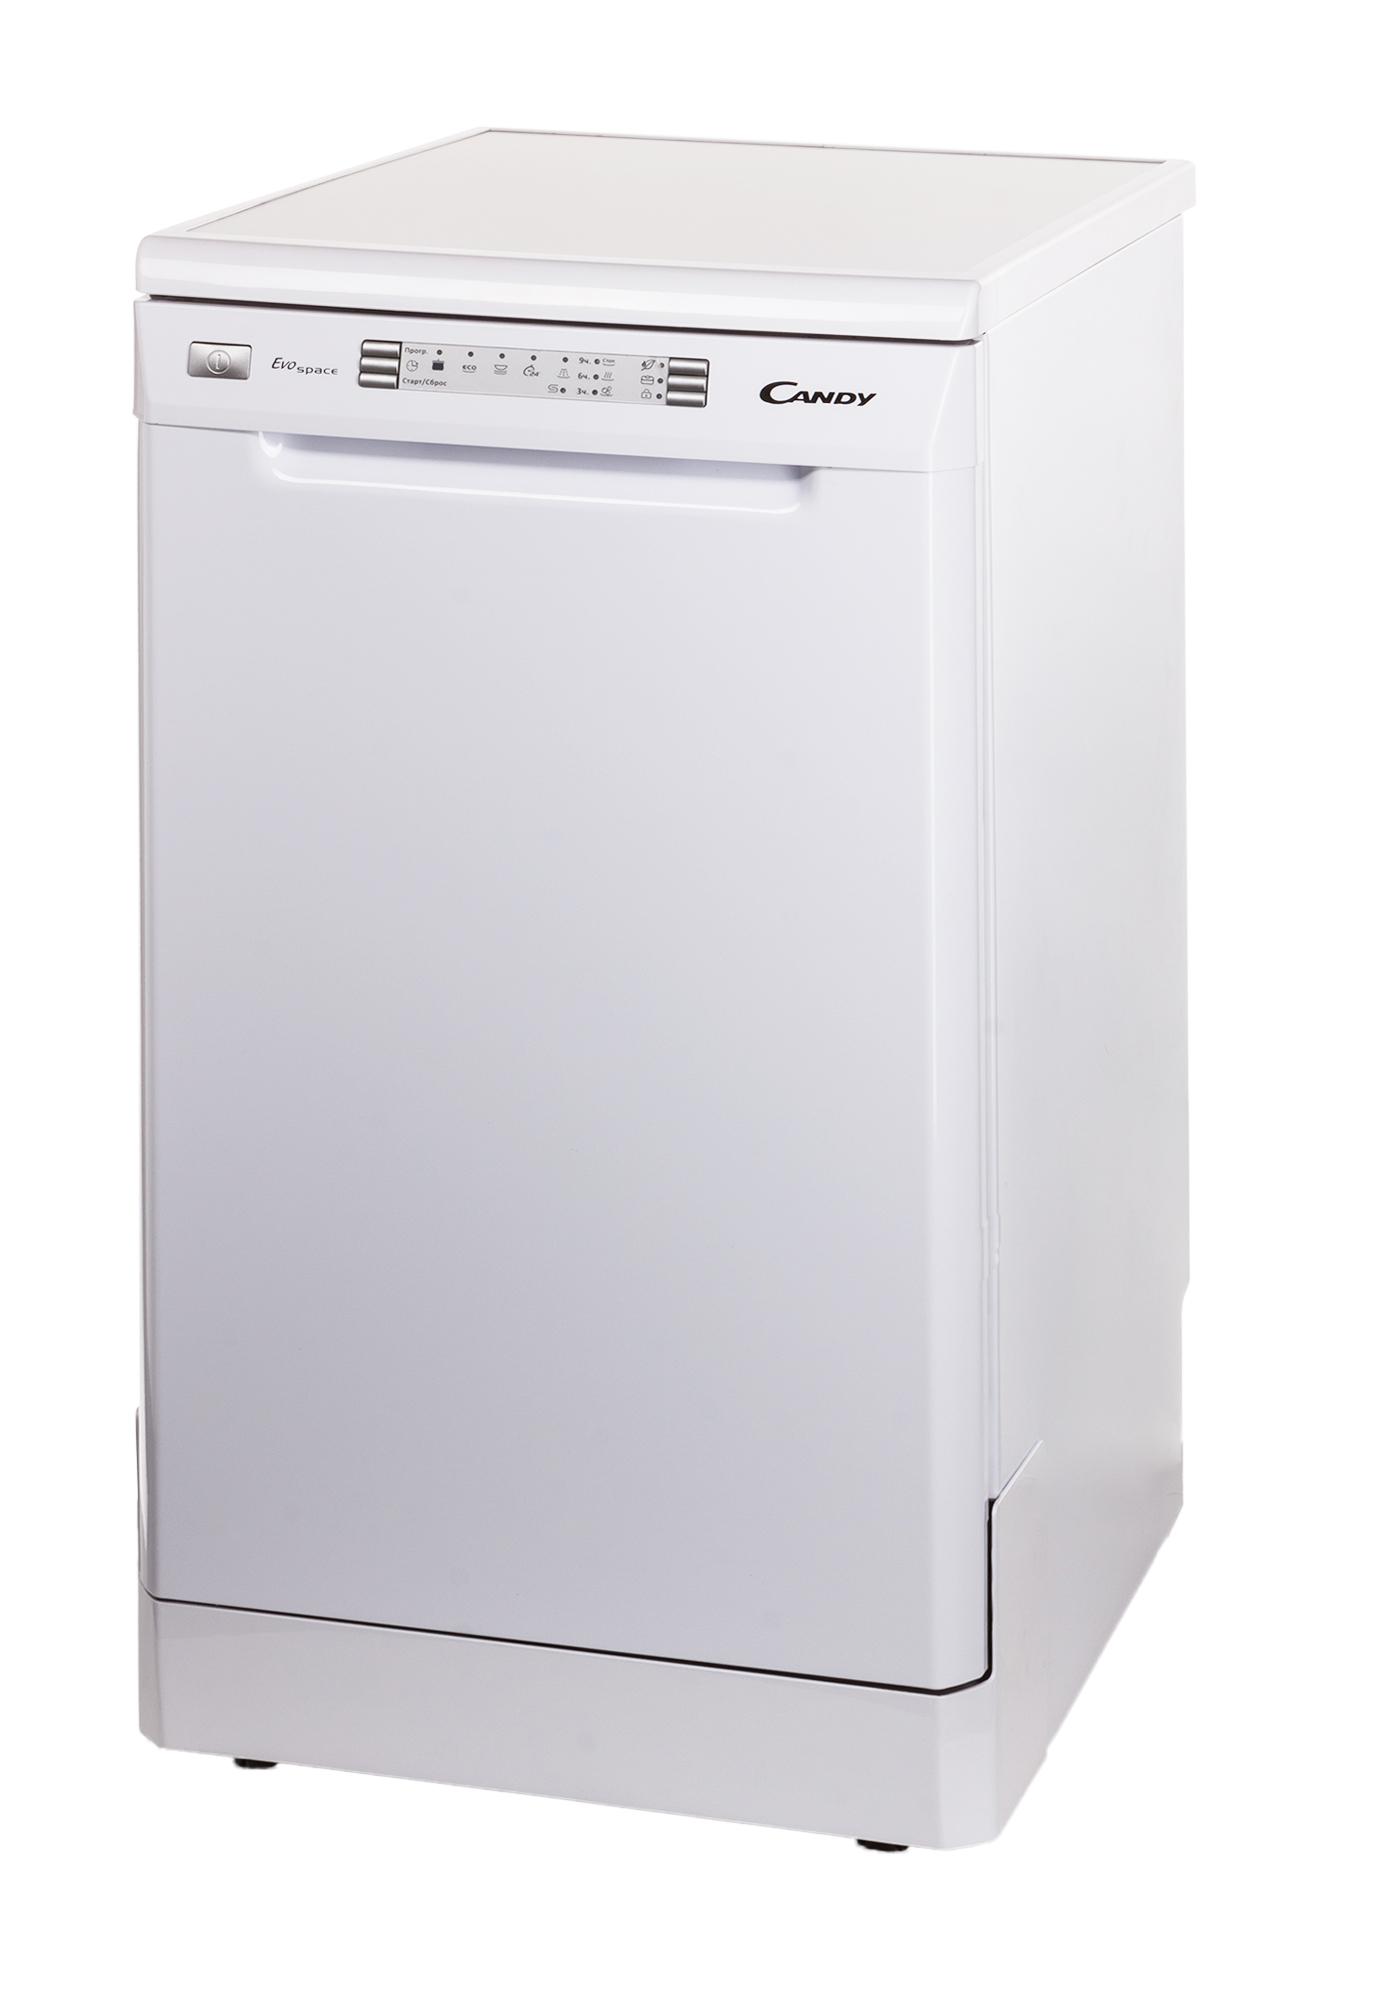 Посудомоечная Машина Канди 4609 инструкция